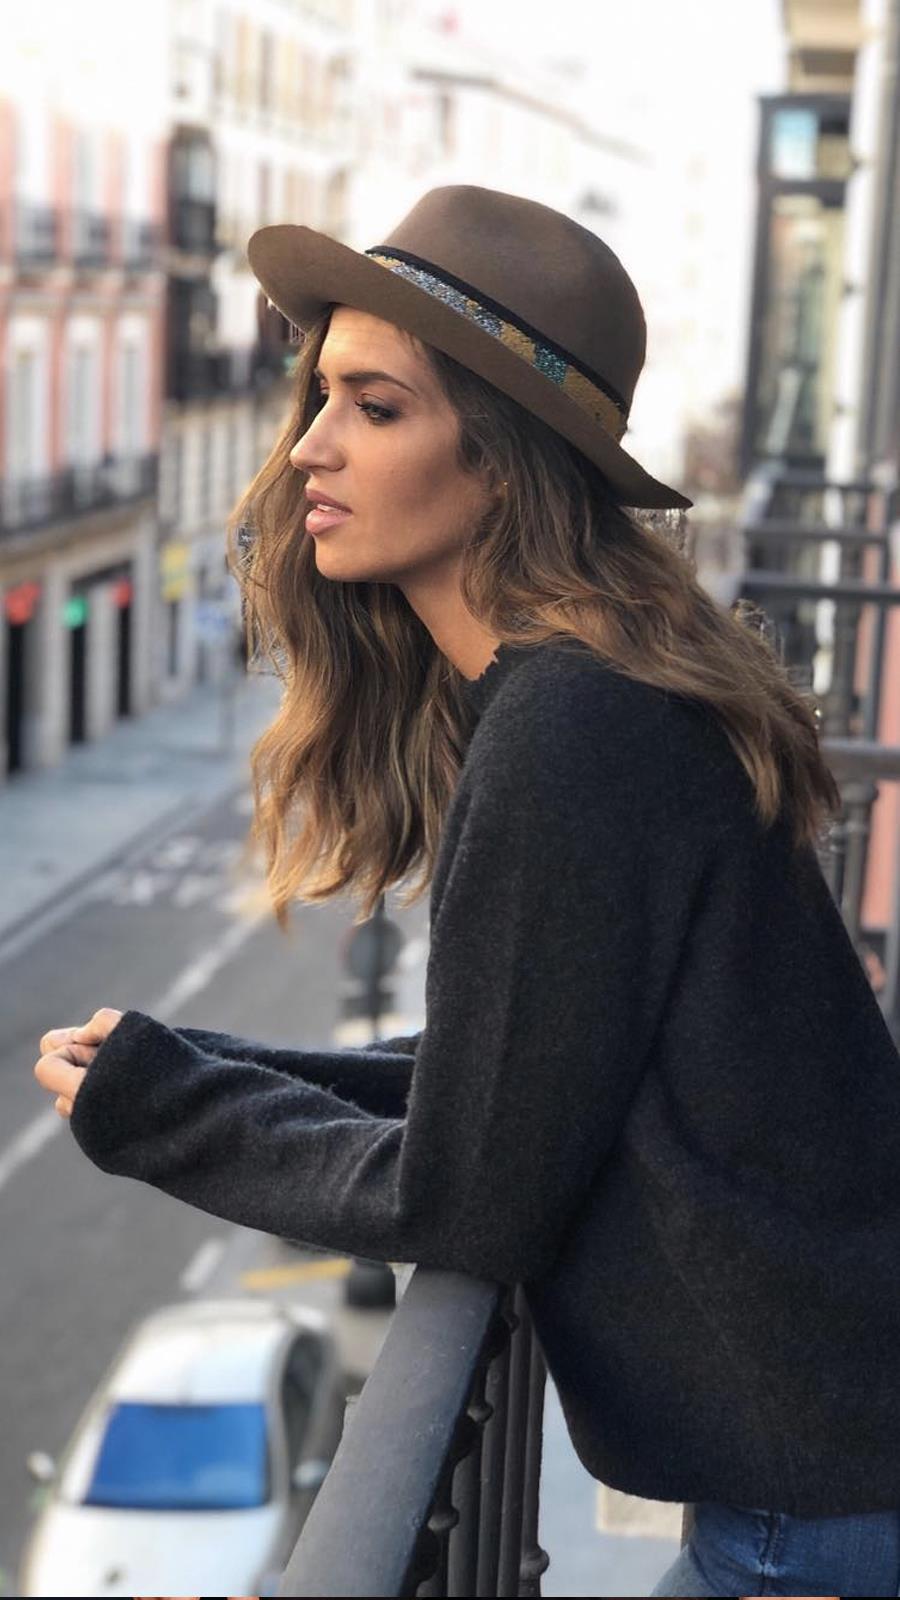 77d0e07a144df Sara Carbonero Instagram. Sara Carbonero sabe cómo dar un toque a un  look